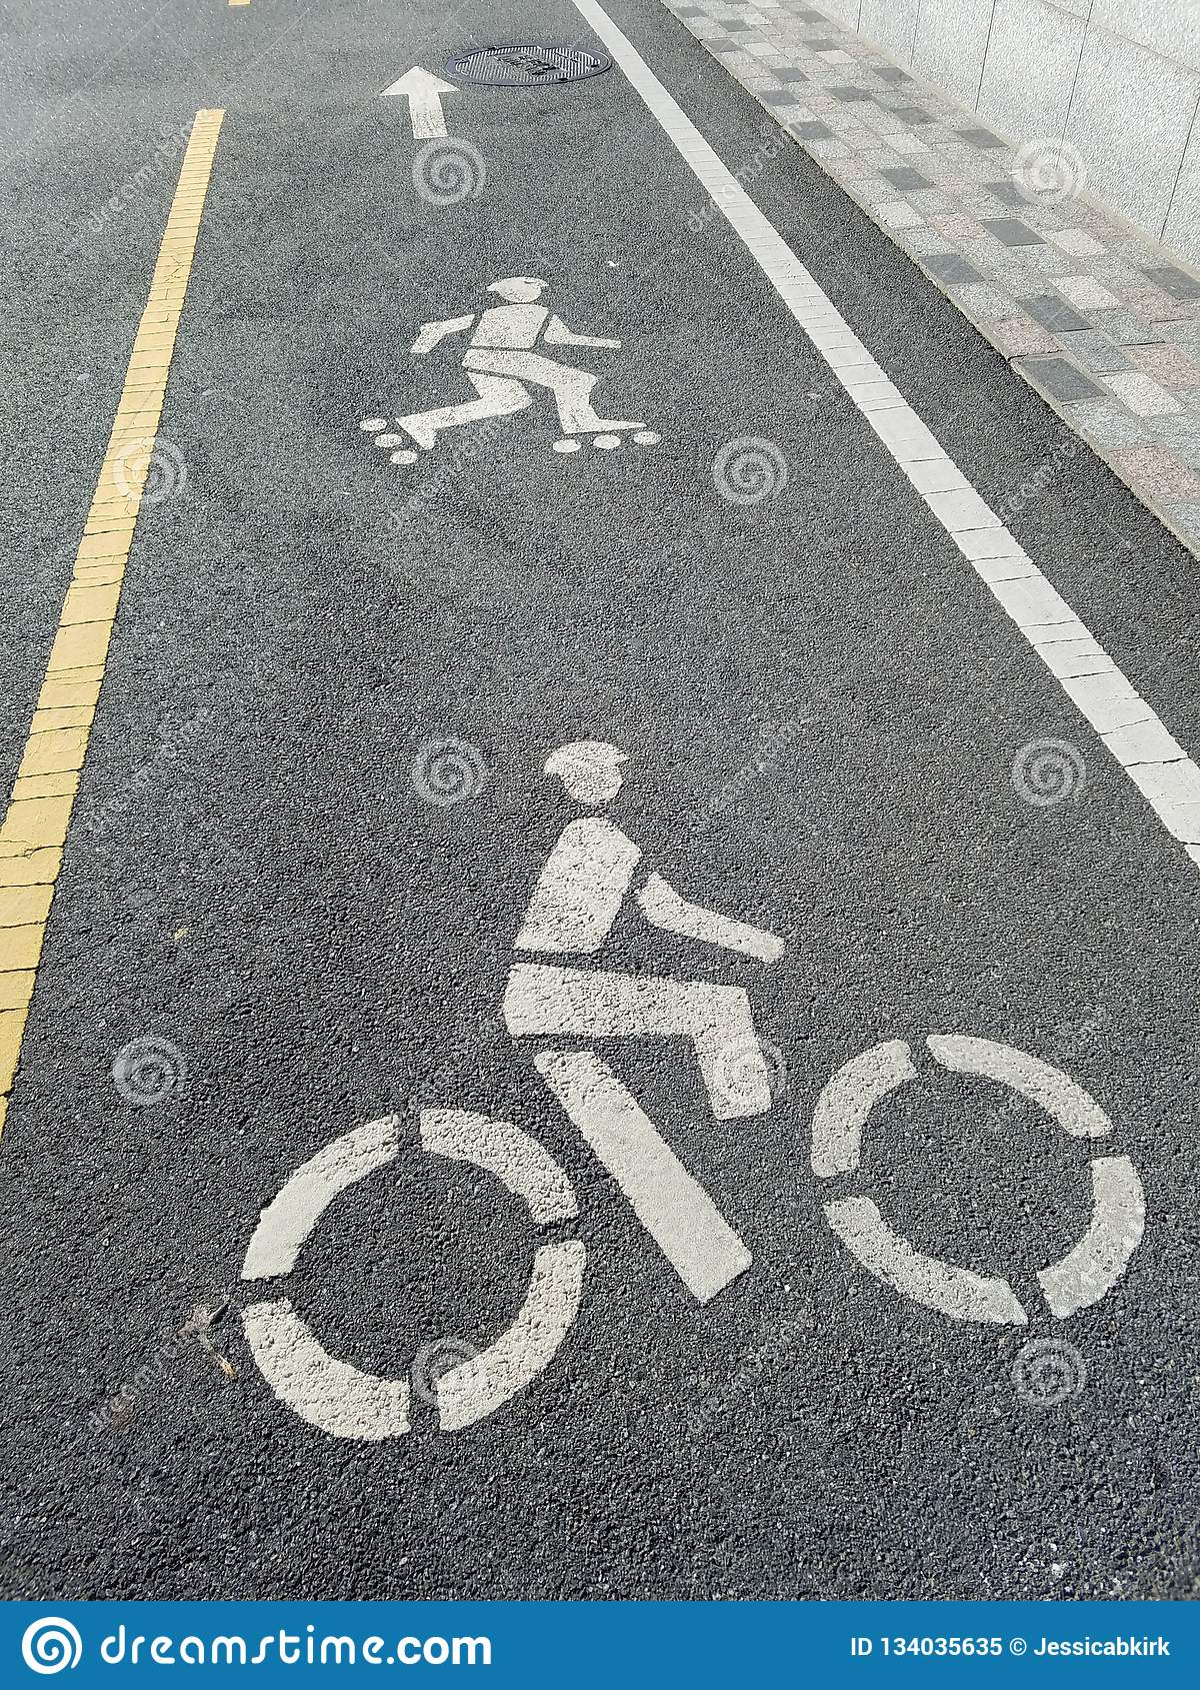 Vicolo di pattinaggio a rotelle sul percorso della bici, con gli indicatori per le linee di demarcazione gialle e bianche dei pat